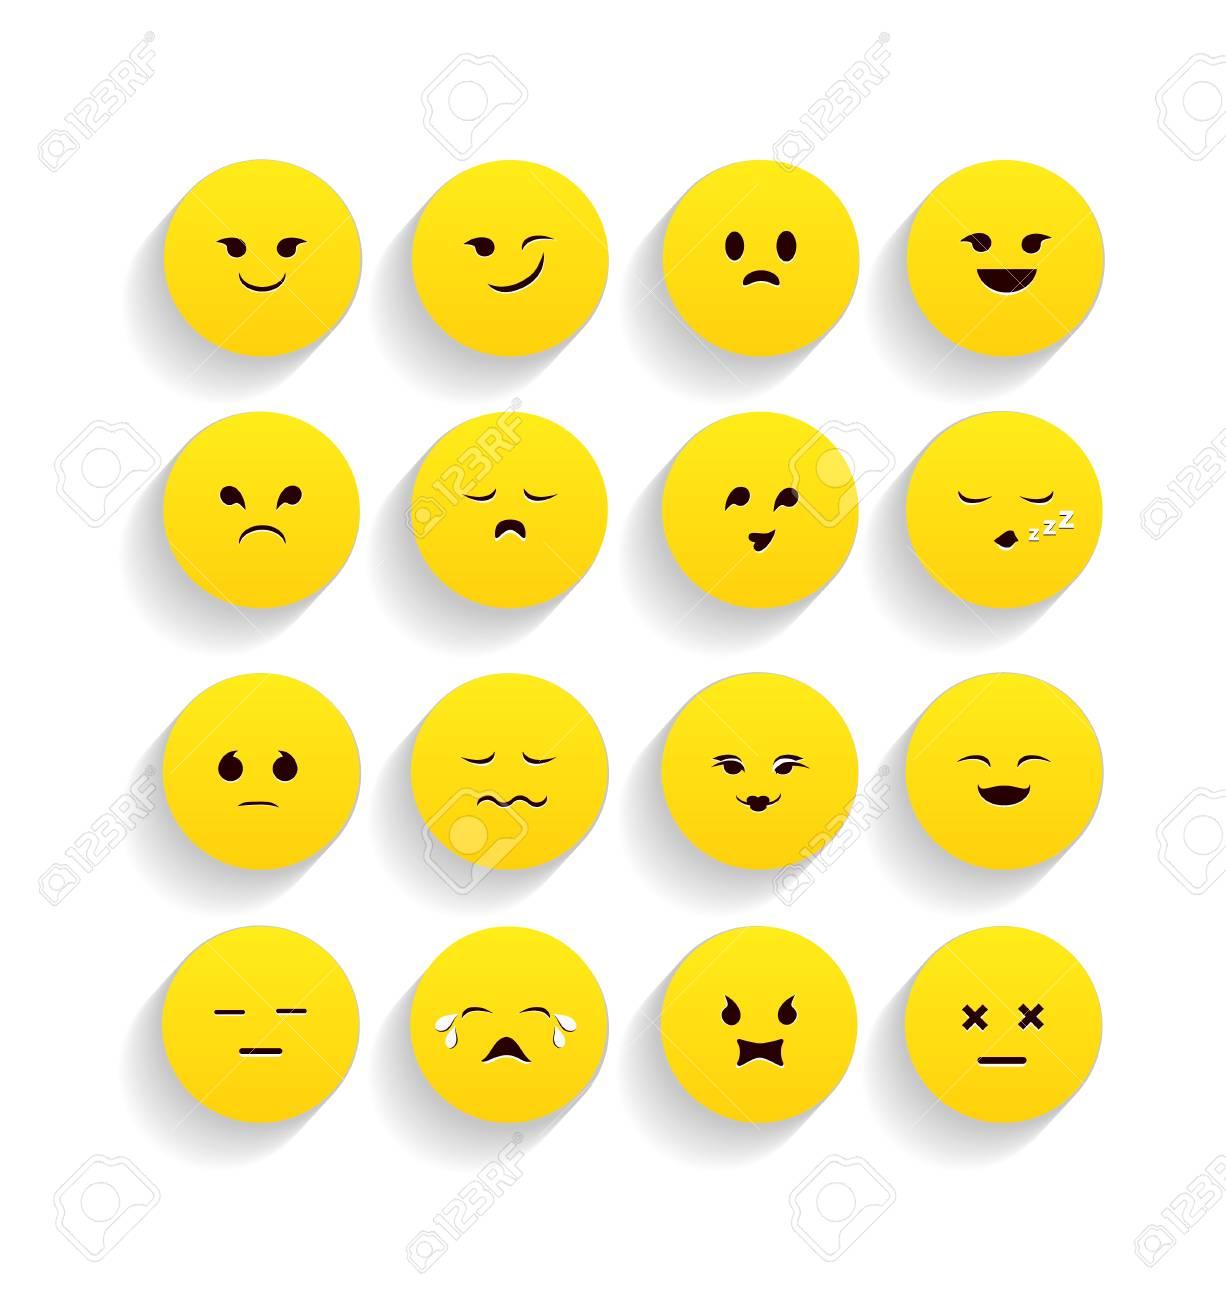 フラット スタイルの黄色い顔文...